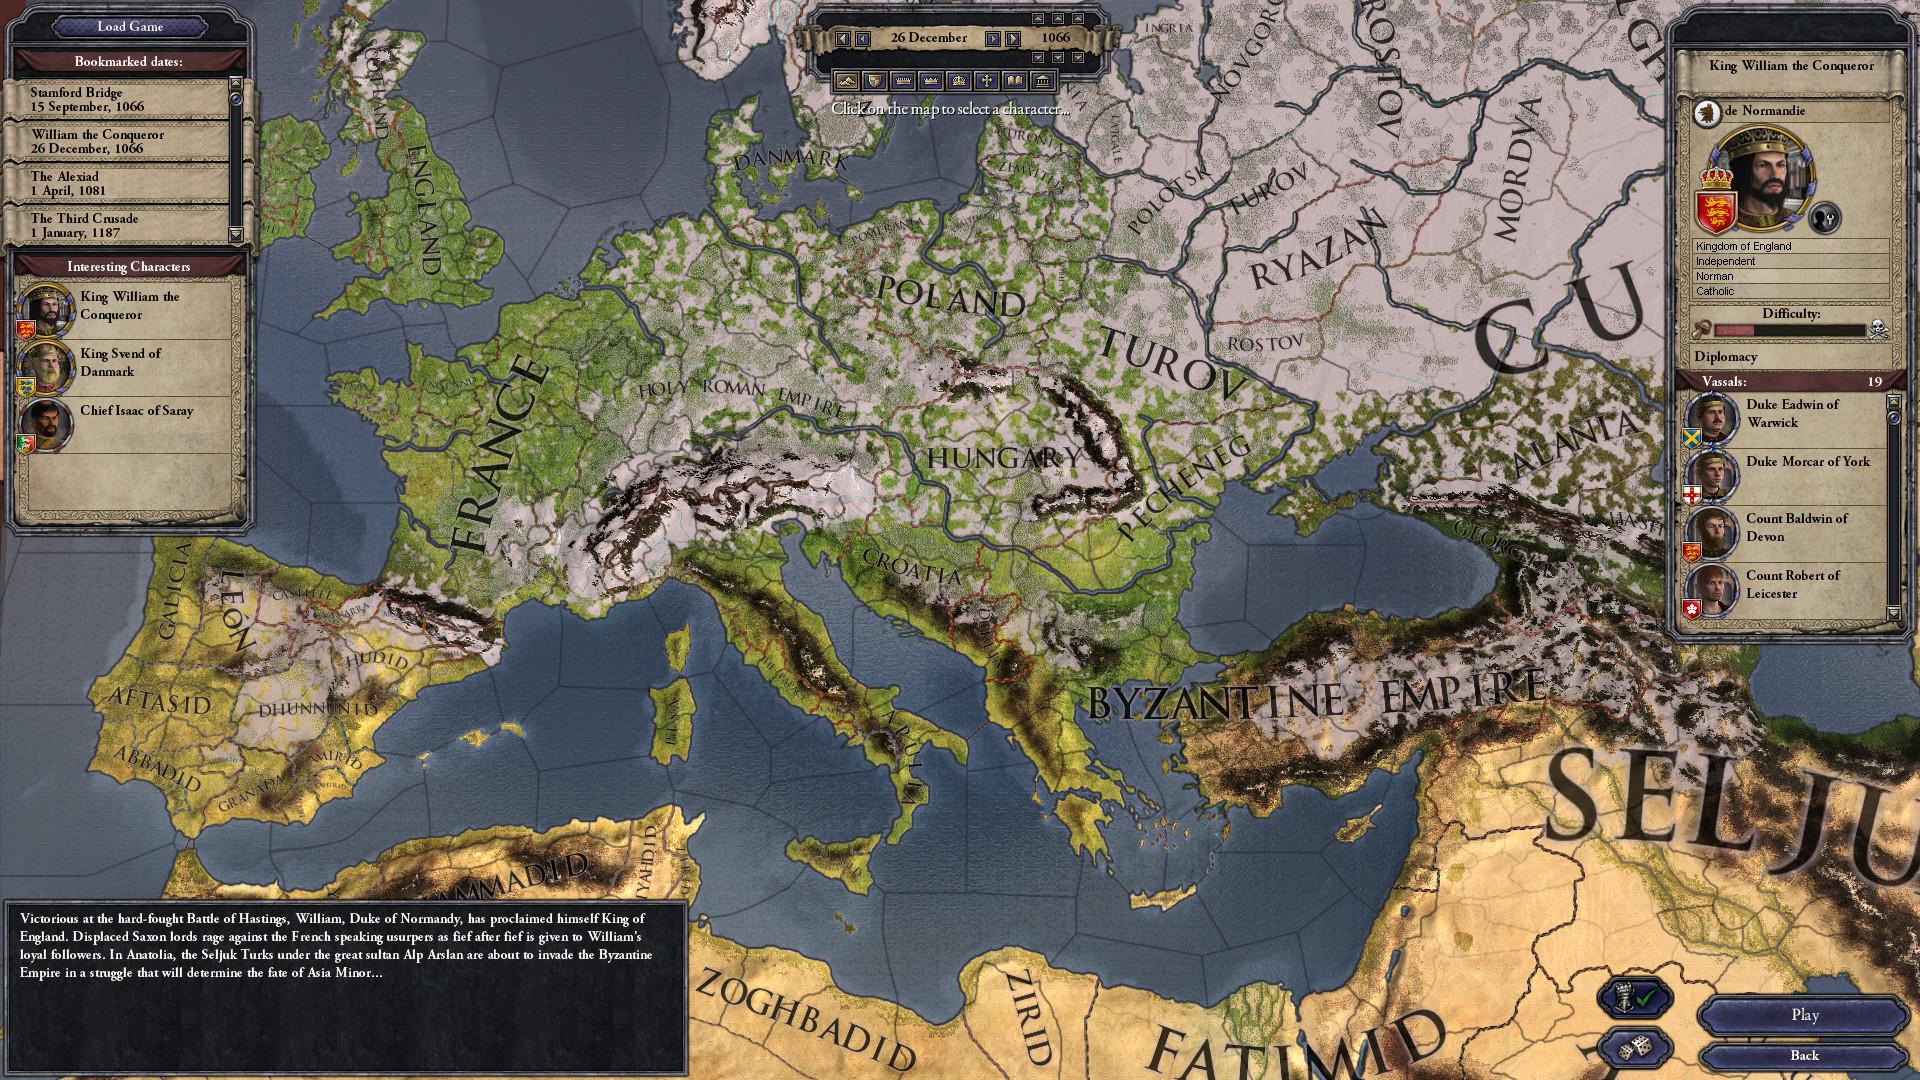 十字军之王2 Crusader Kings II Mac 破解版 即时战略类游戏-麦氪派